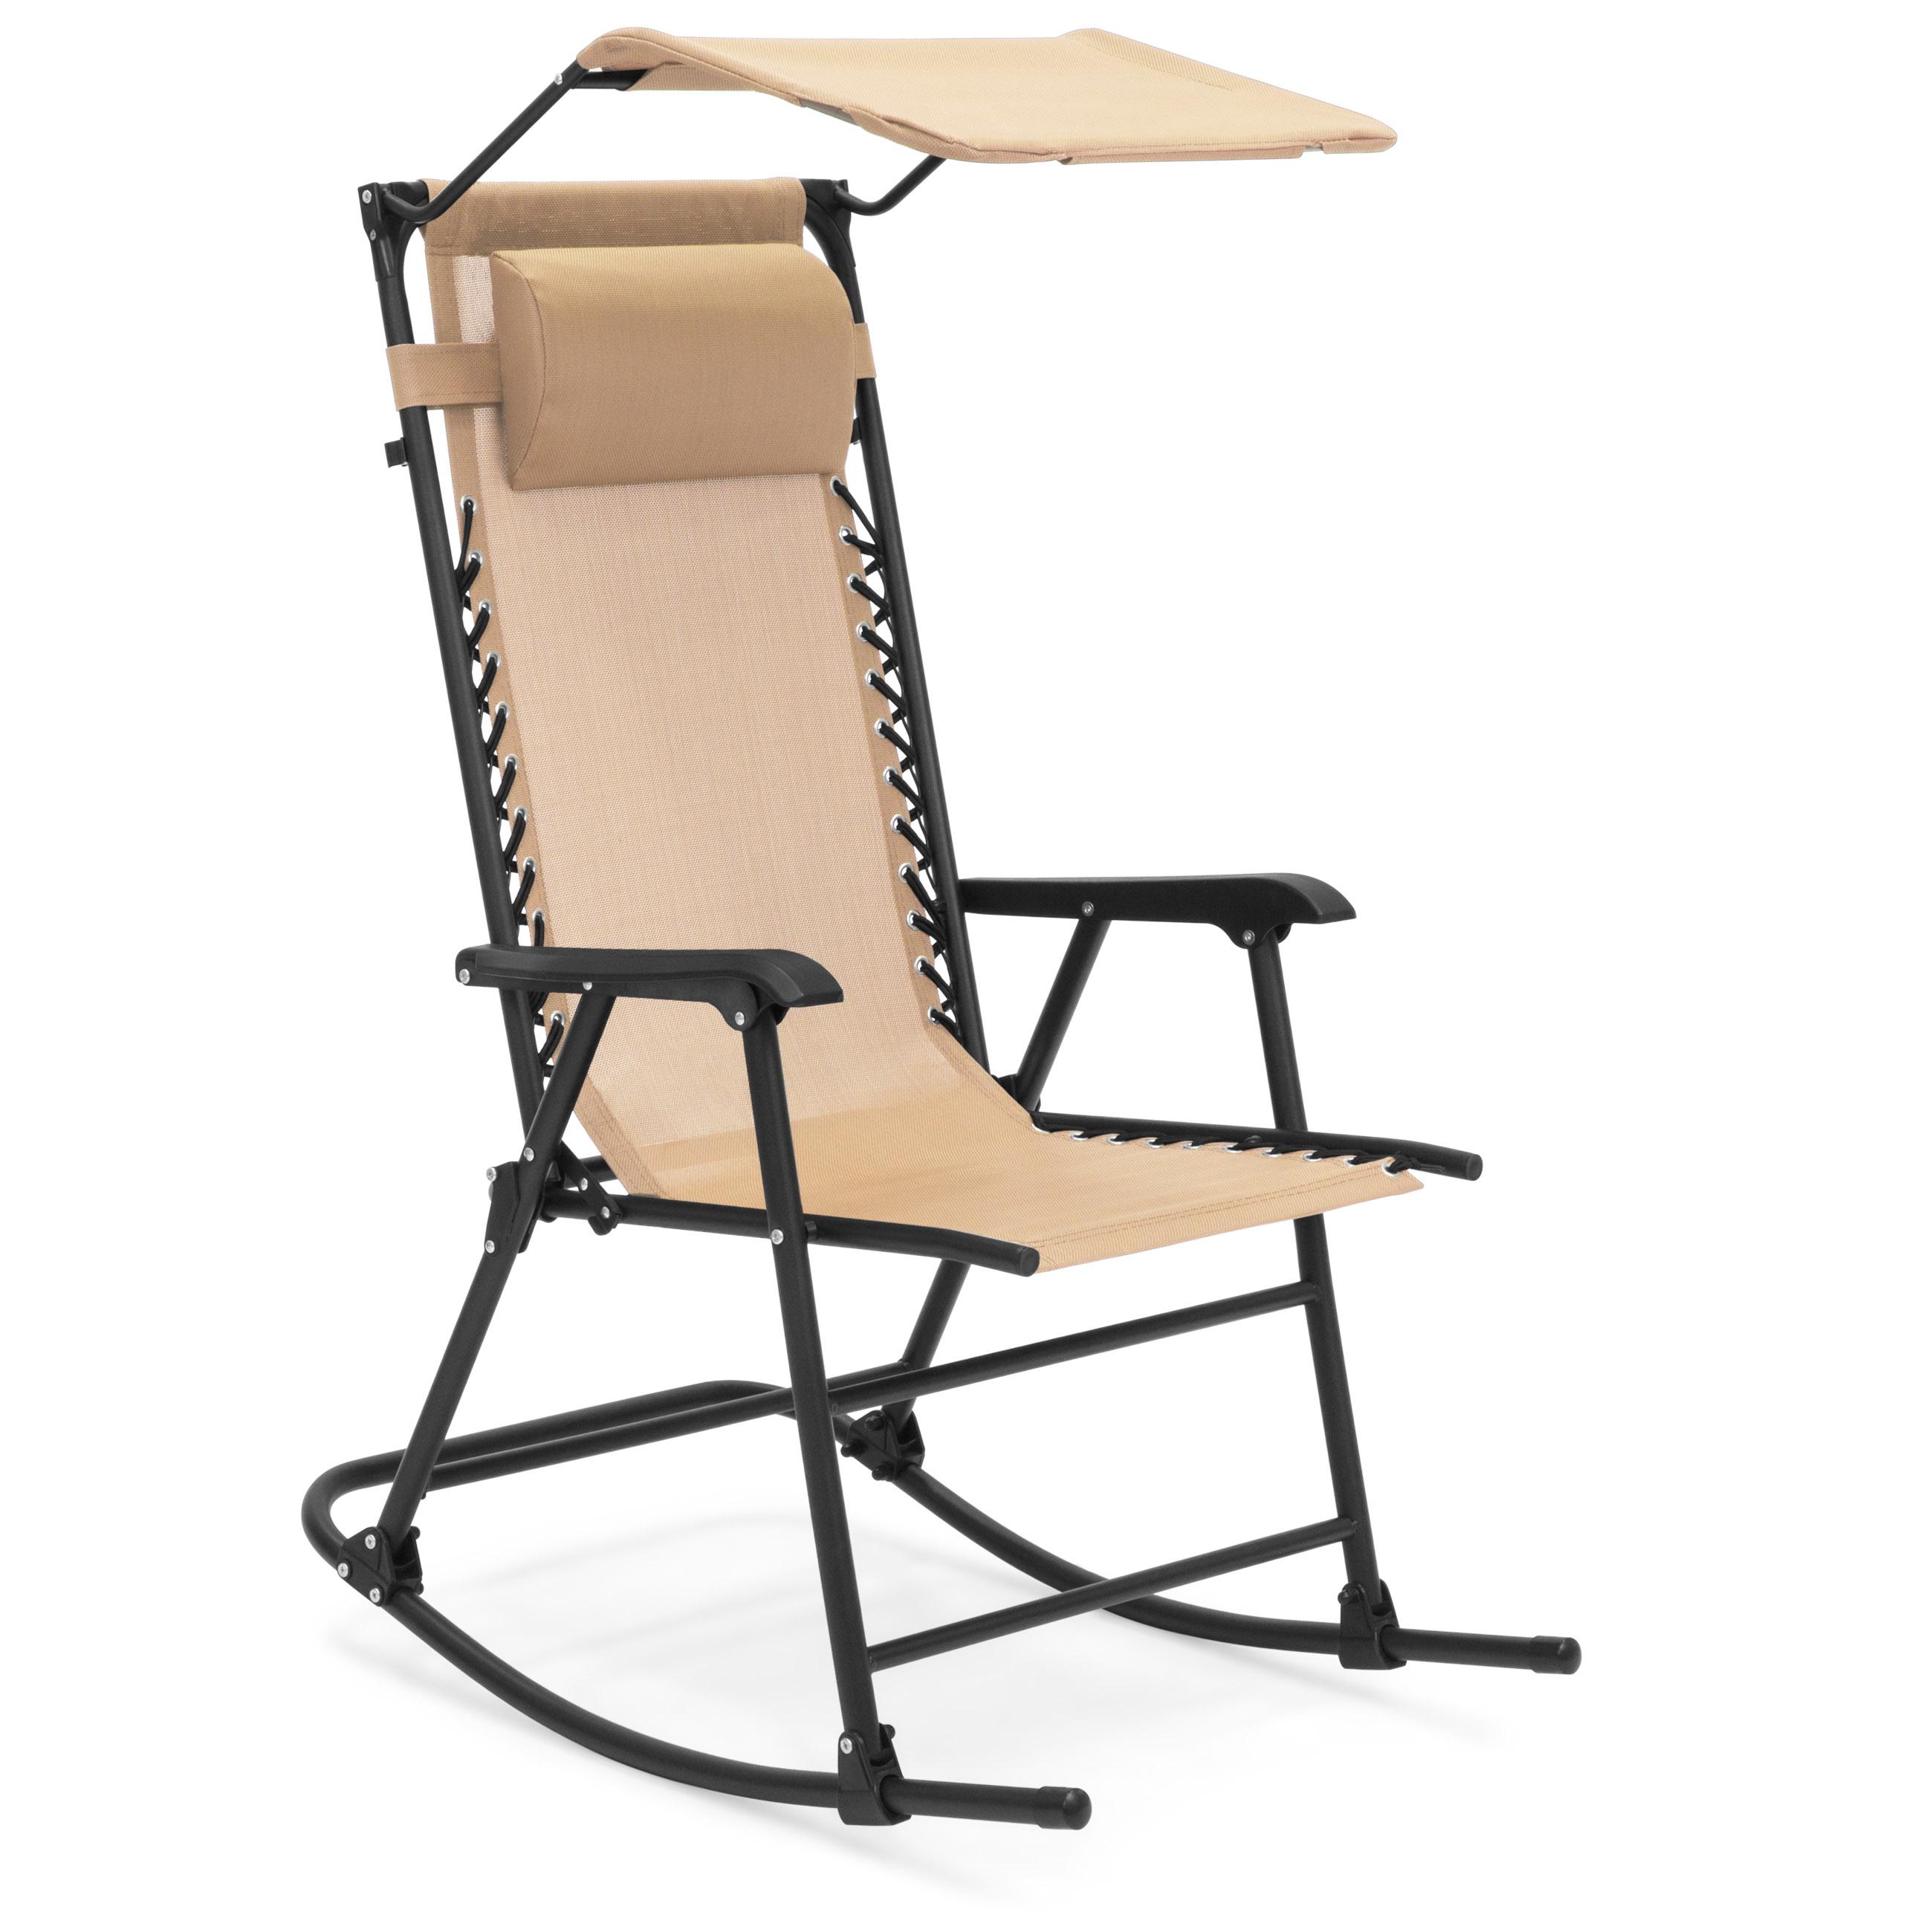 Zero Gravity Cool Mesh Rocker Chair TAN Ergonomic Portable Folding ...